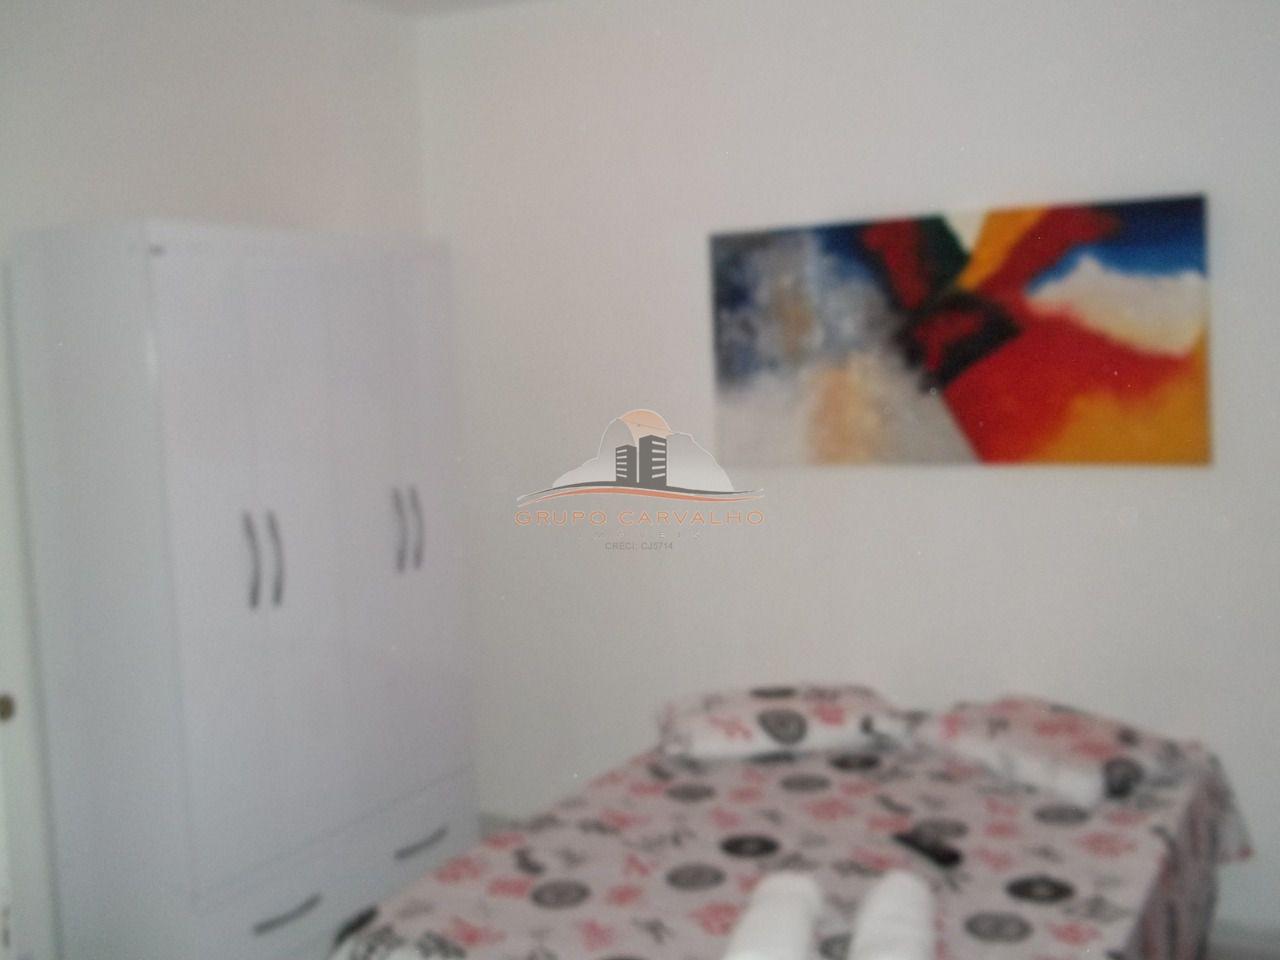 Kitnet/Conjugado 25m² à venda Rua Riachuelo,Rio de Janeiro,RJ - R$ 195.000 - CJI0011 - 19